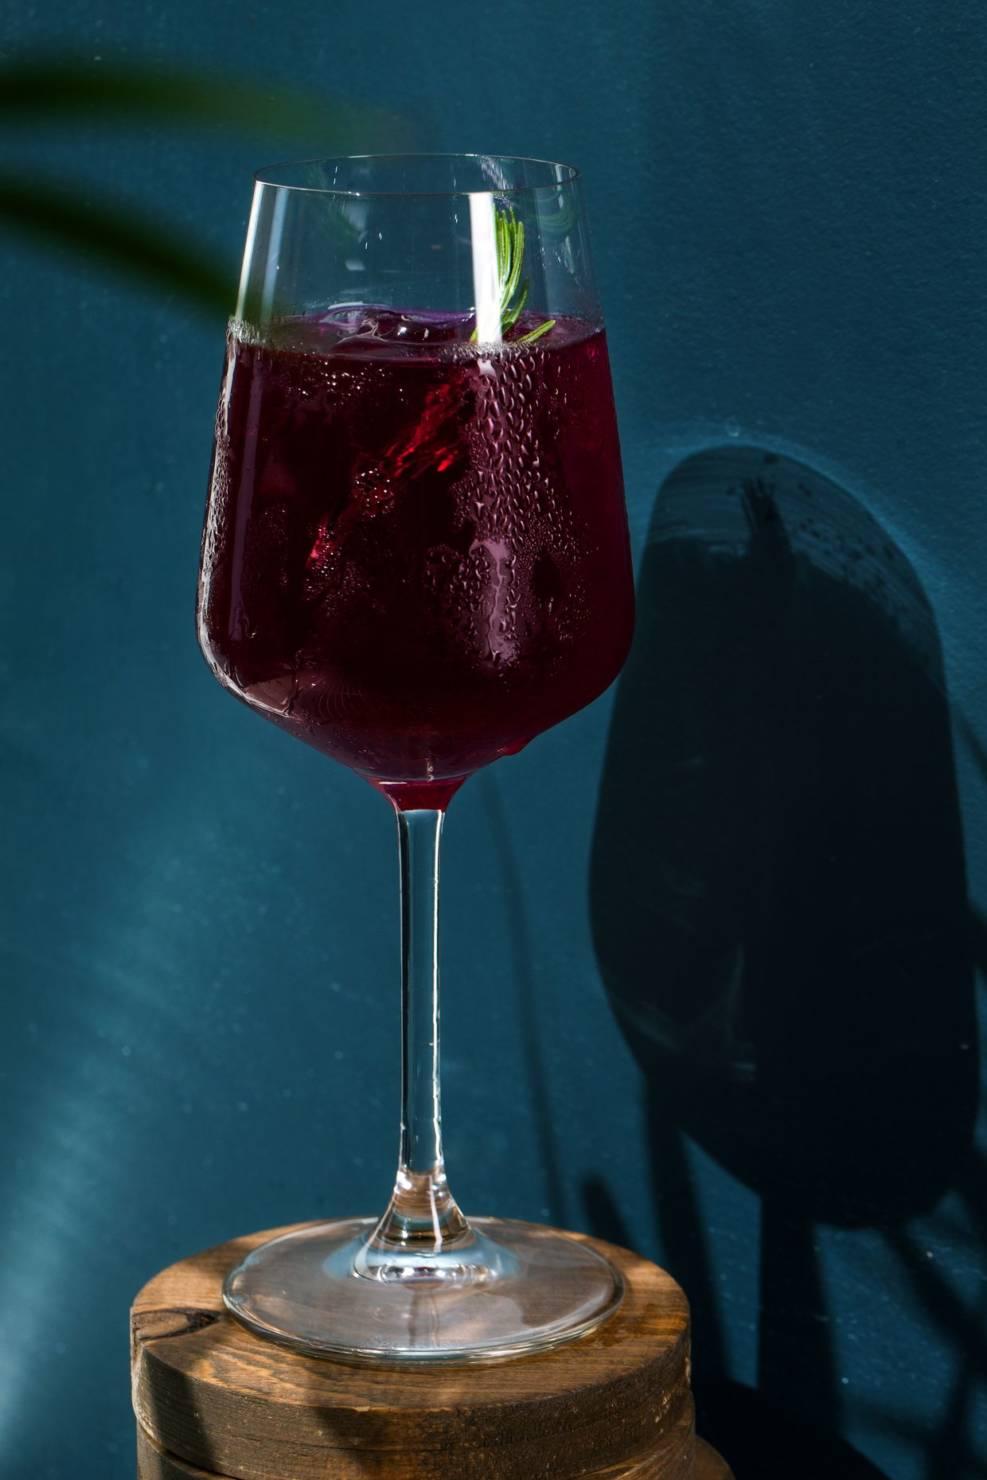 свекольный пунш, ресторан банщики, летние коктейли